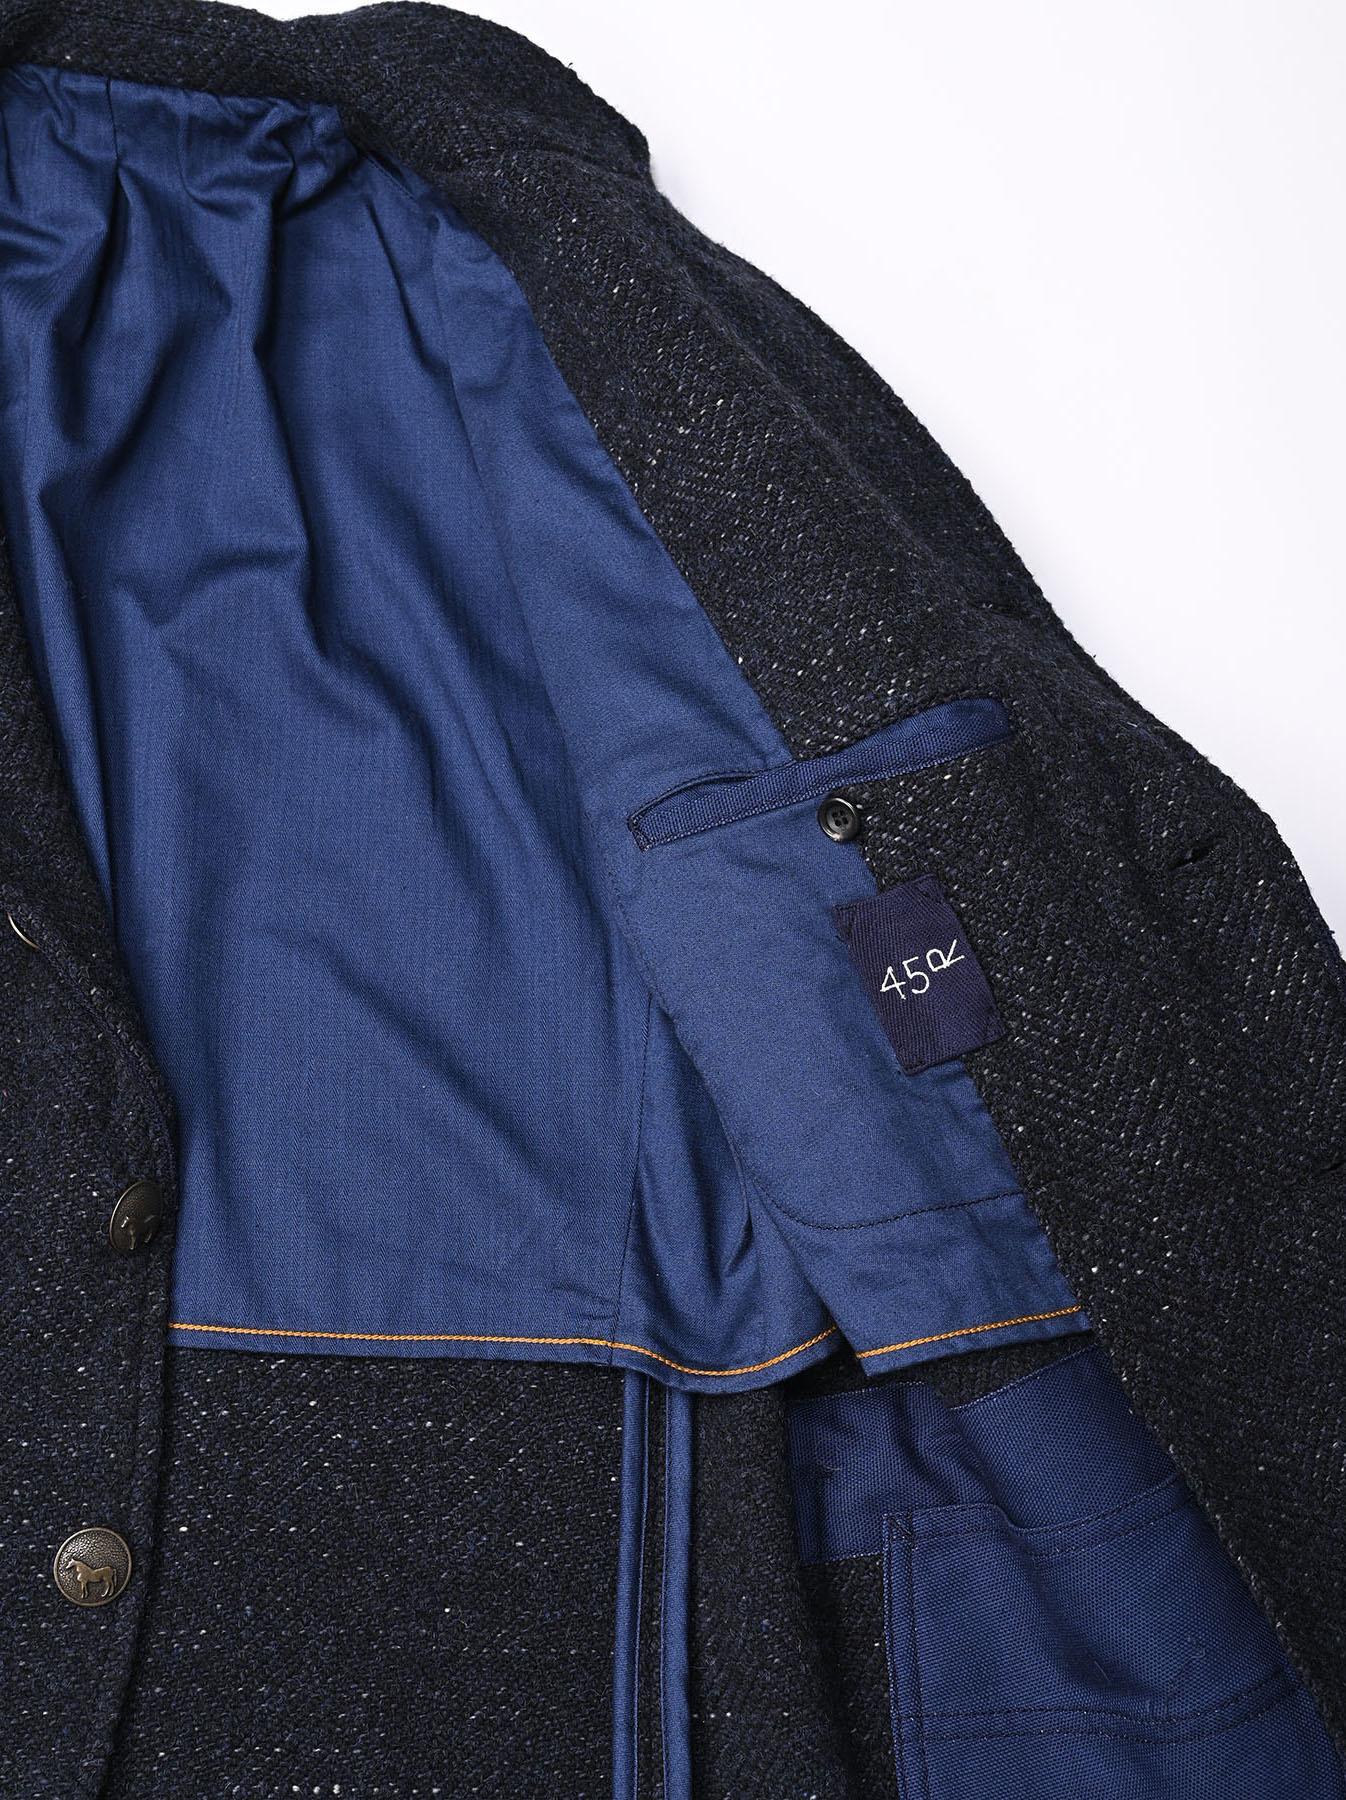 Indigo Tweed Melton Asama Jacket-8